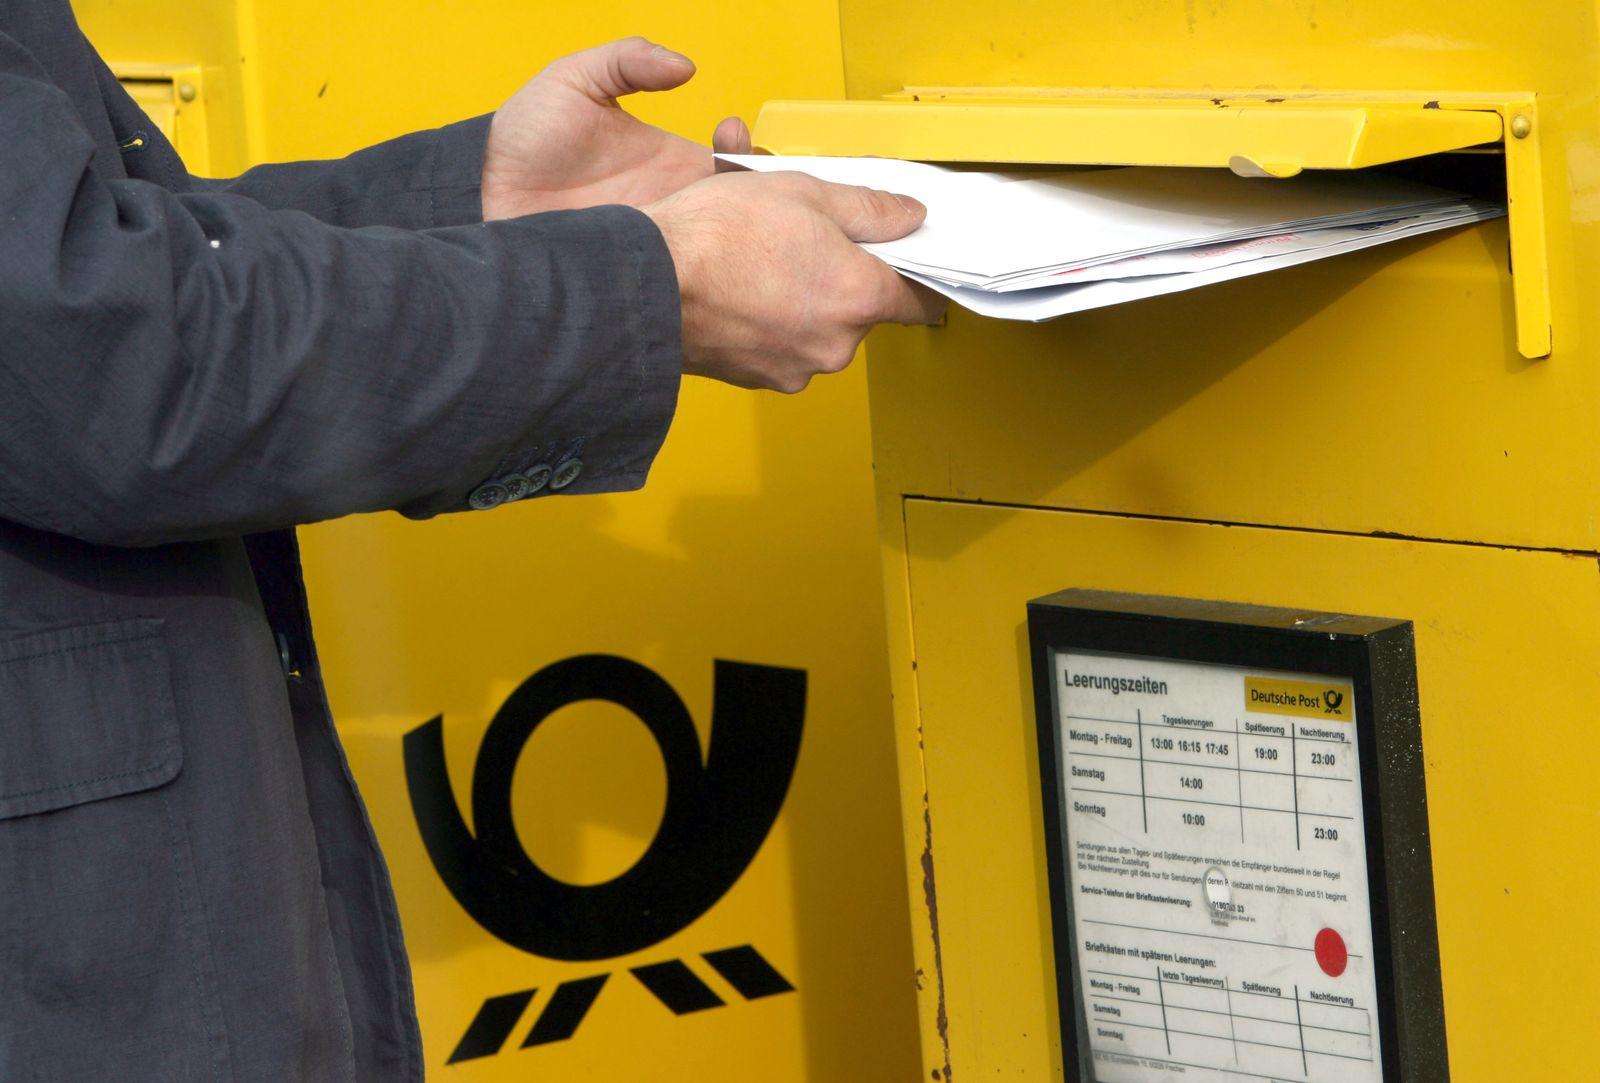 Deutsche Post / Briefkasten